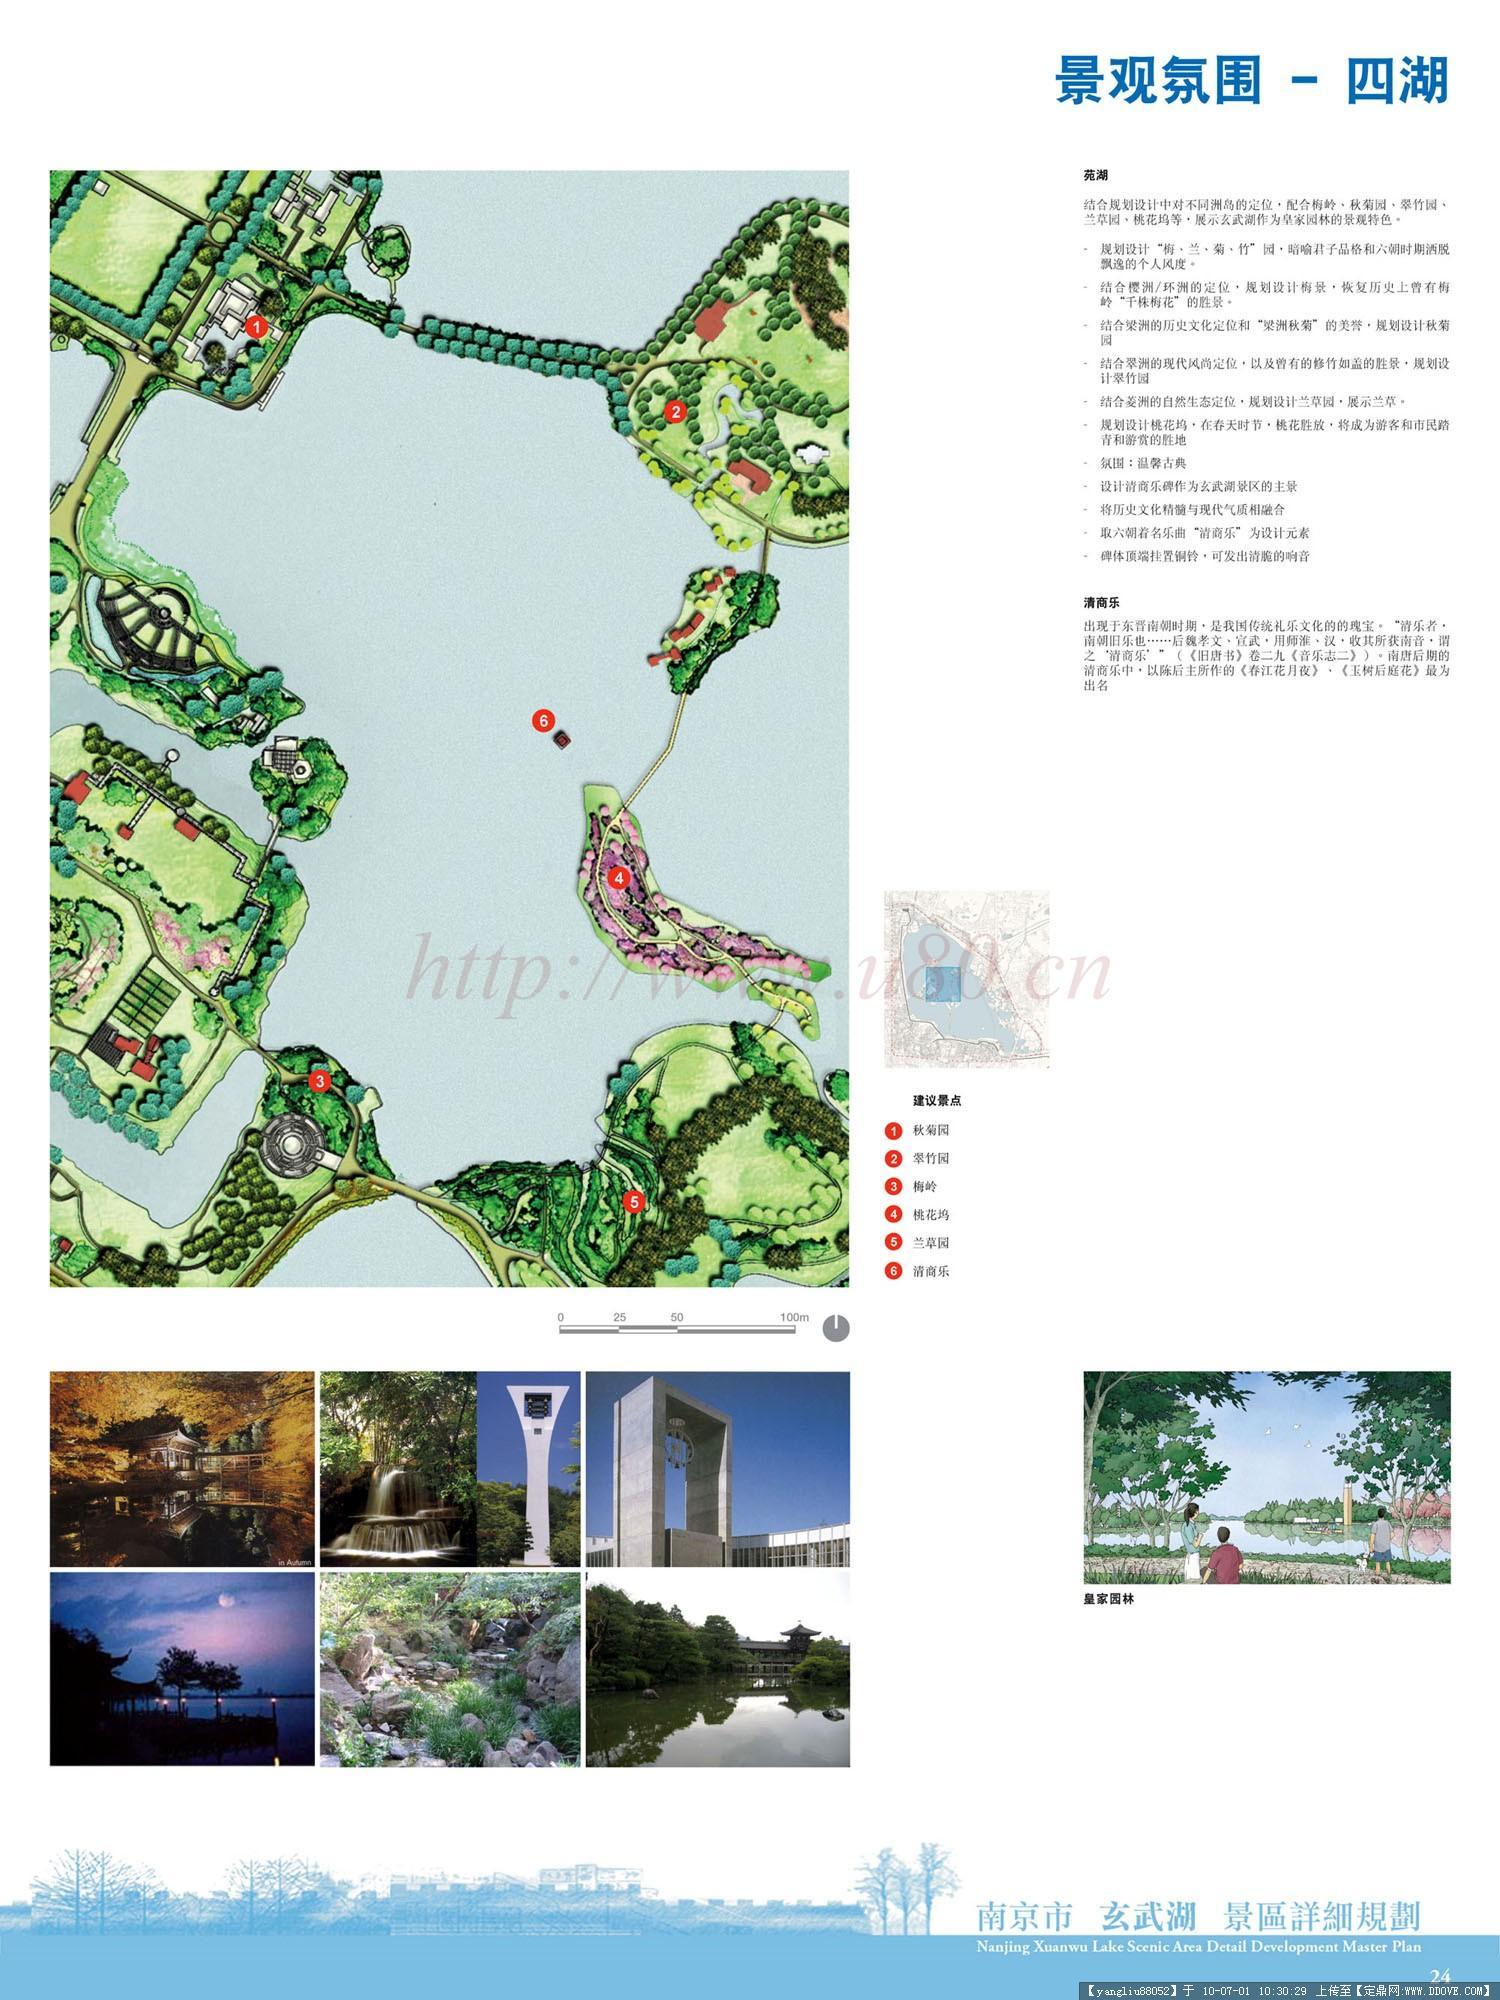 南京某公园景区详细规划文本的图片浏览,园林设计文本